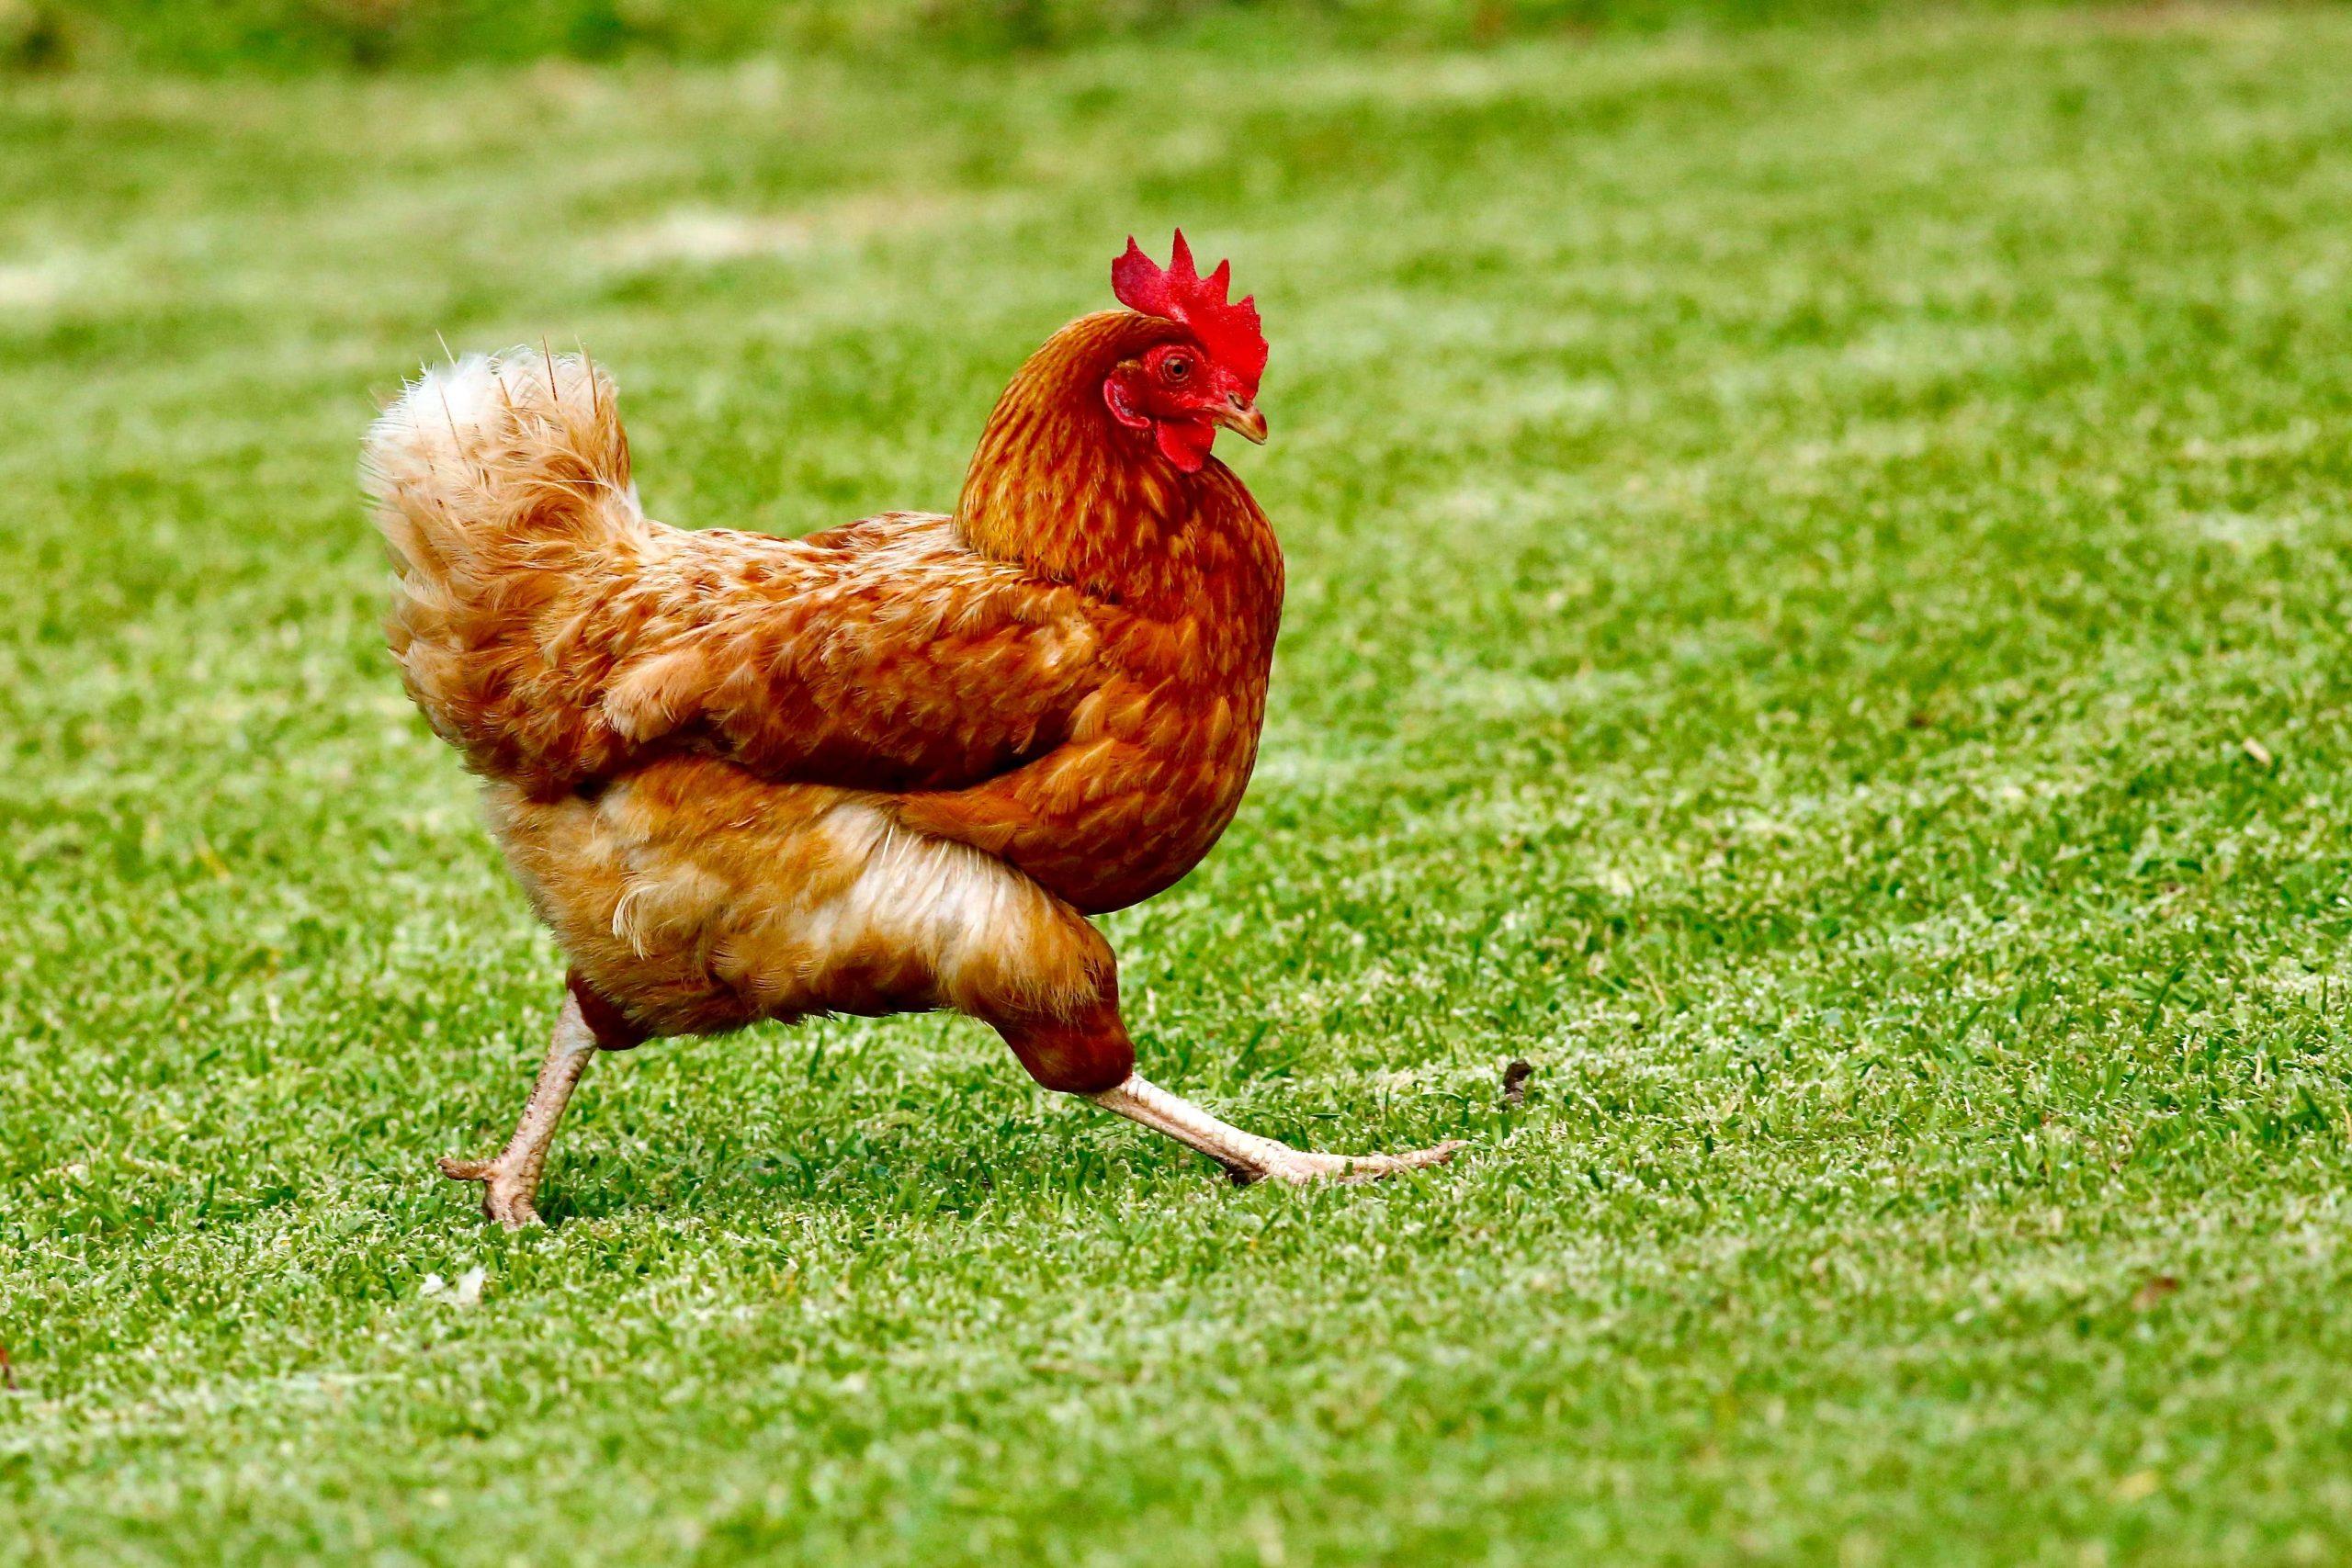 Marche, Fileni alleva milioni di polli. Ma la sveglia la cantano gli attivisti